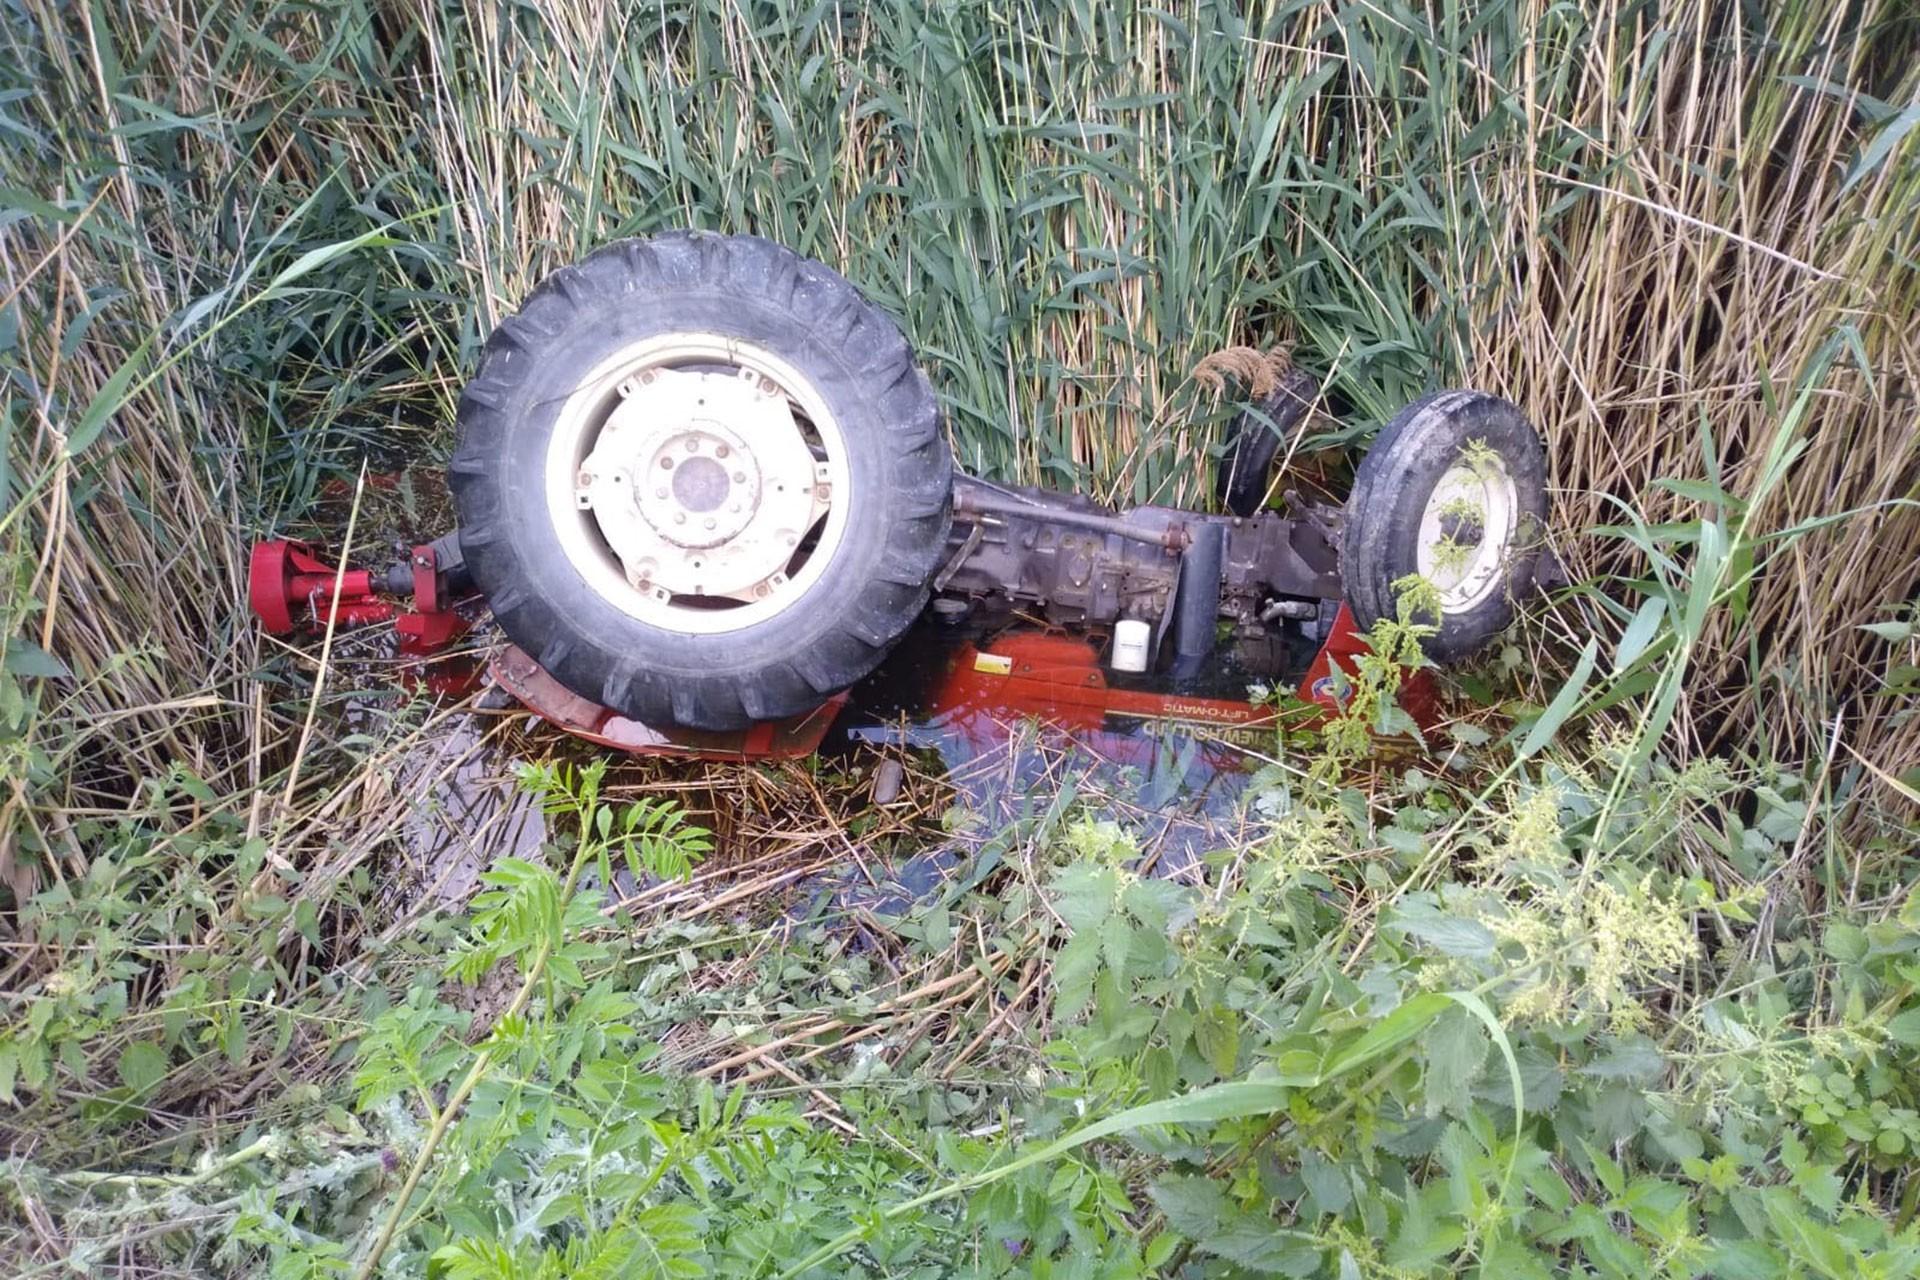 Traktörüyle su kanalına düşen çiftçi hayatını kaybetti